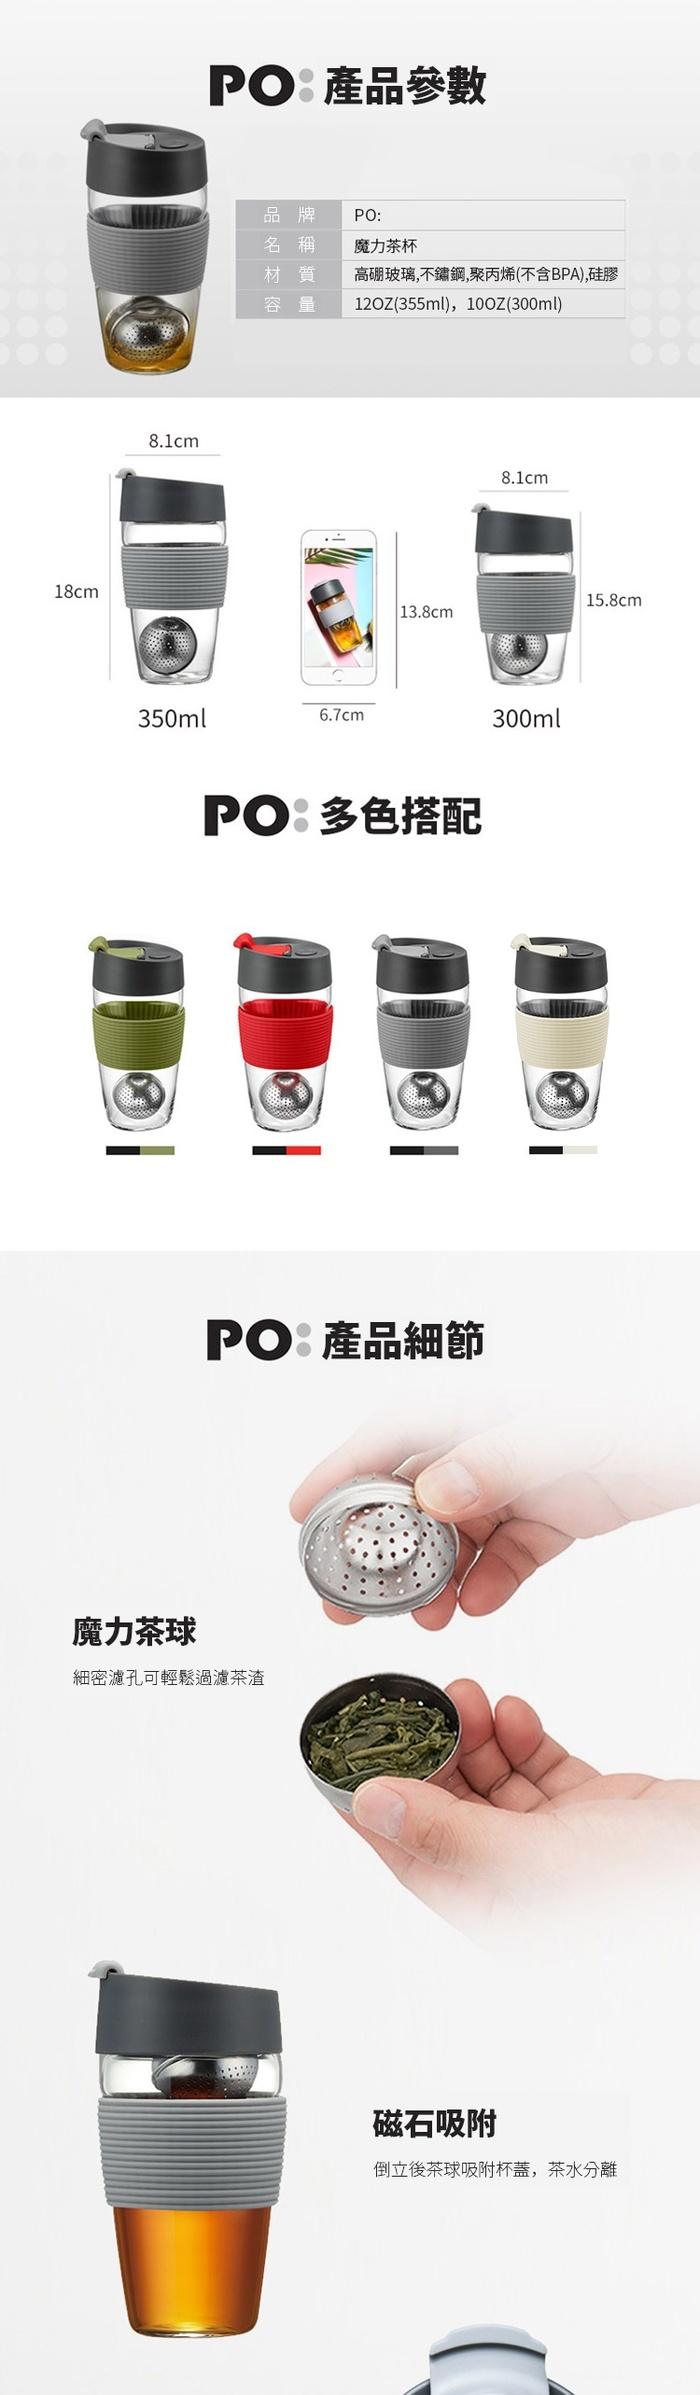 PO:Selected|丹麥磁吸濾球魔力杯12oz (象牙白)